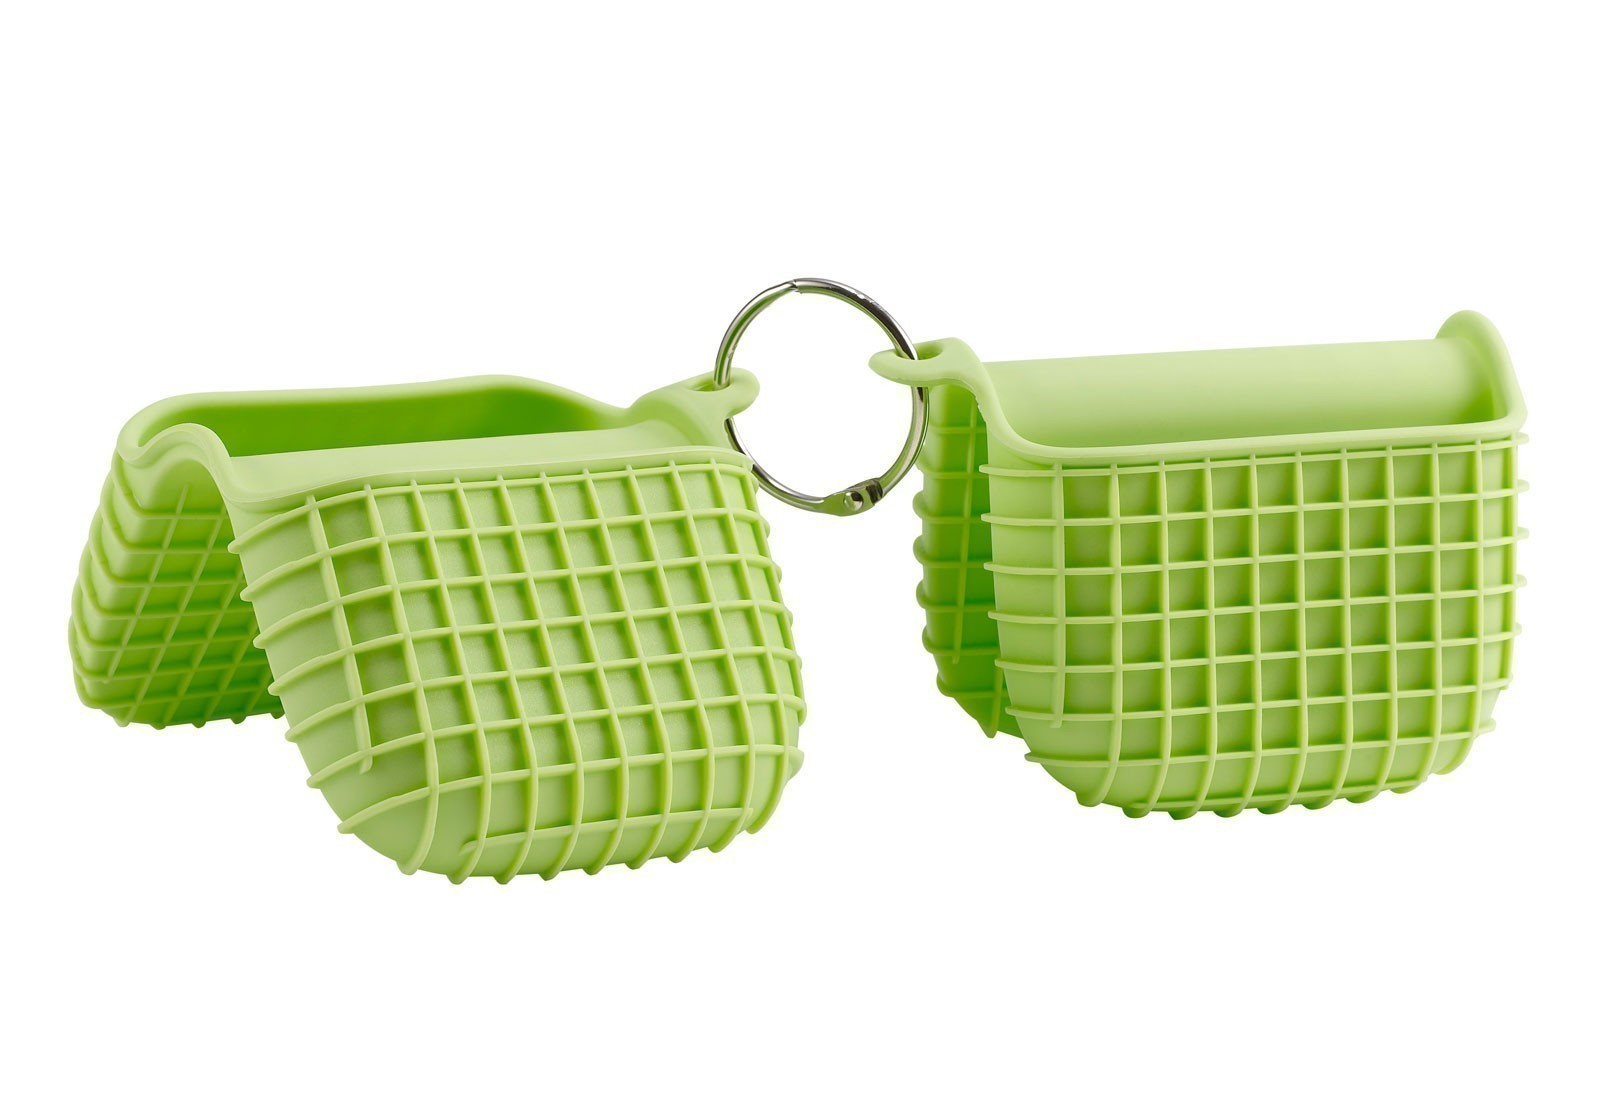 Grillhandschuhe Tepro 2er-Set Silikon grün Bild 1